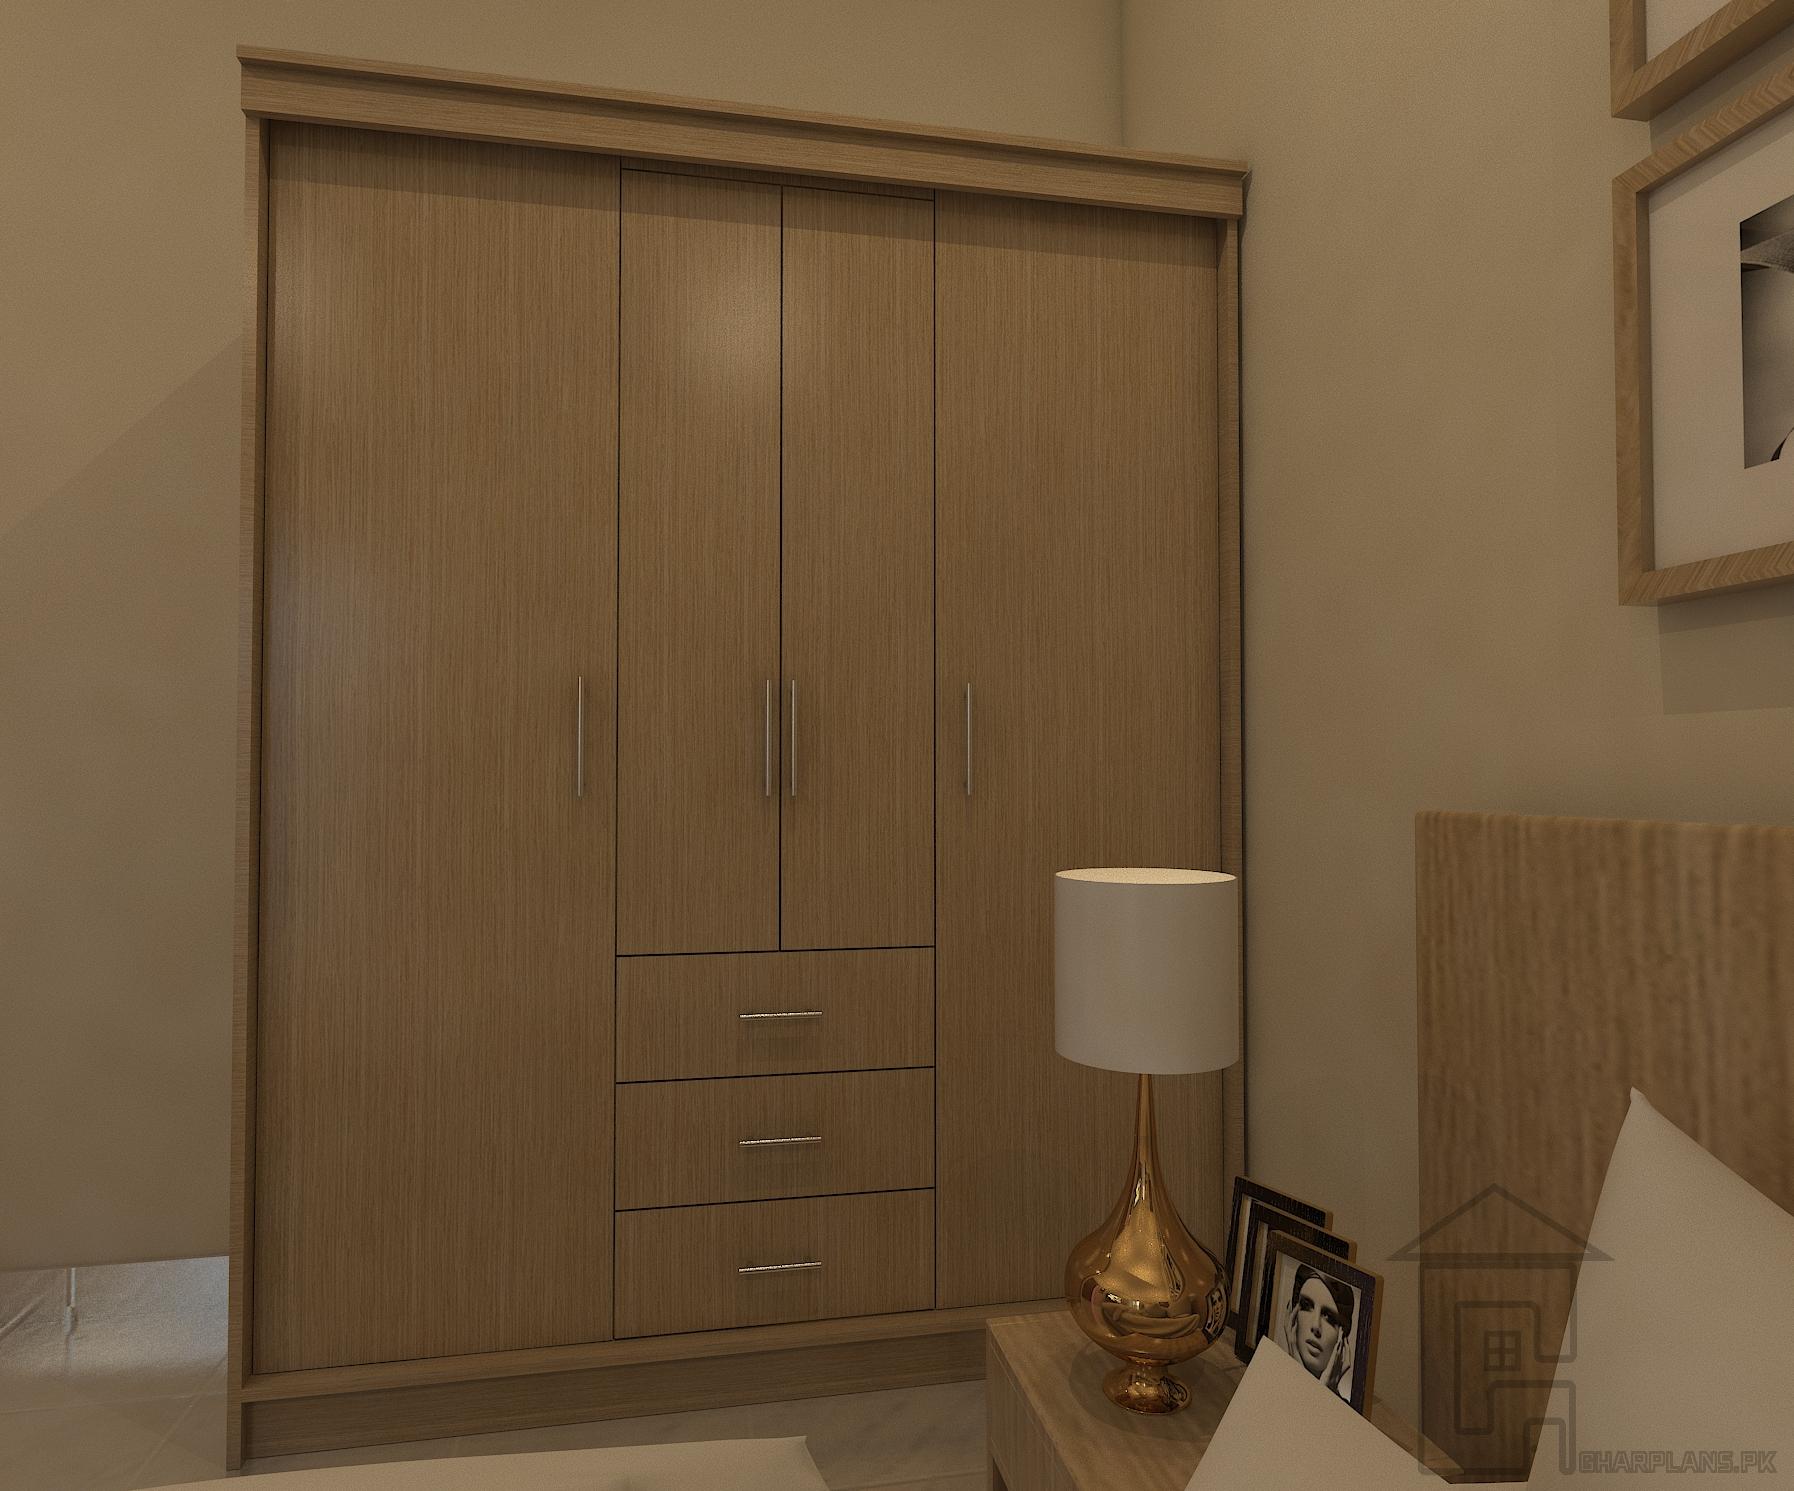 Almari Design. Various Almari designs for dressing rooms or bedrooms ...